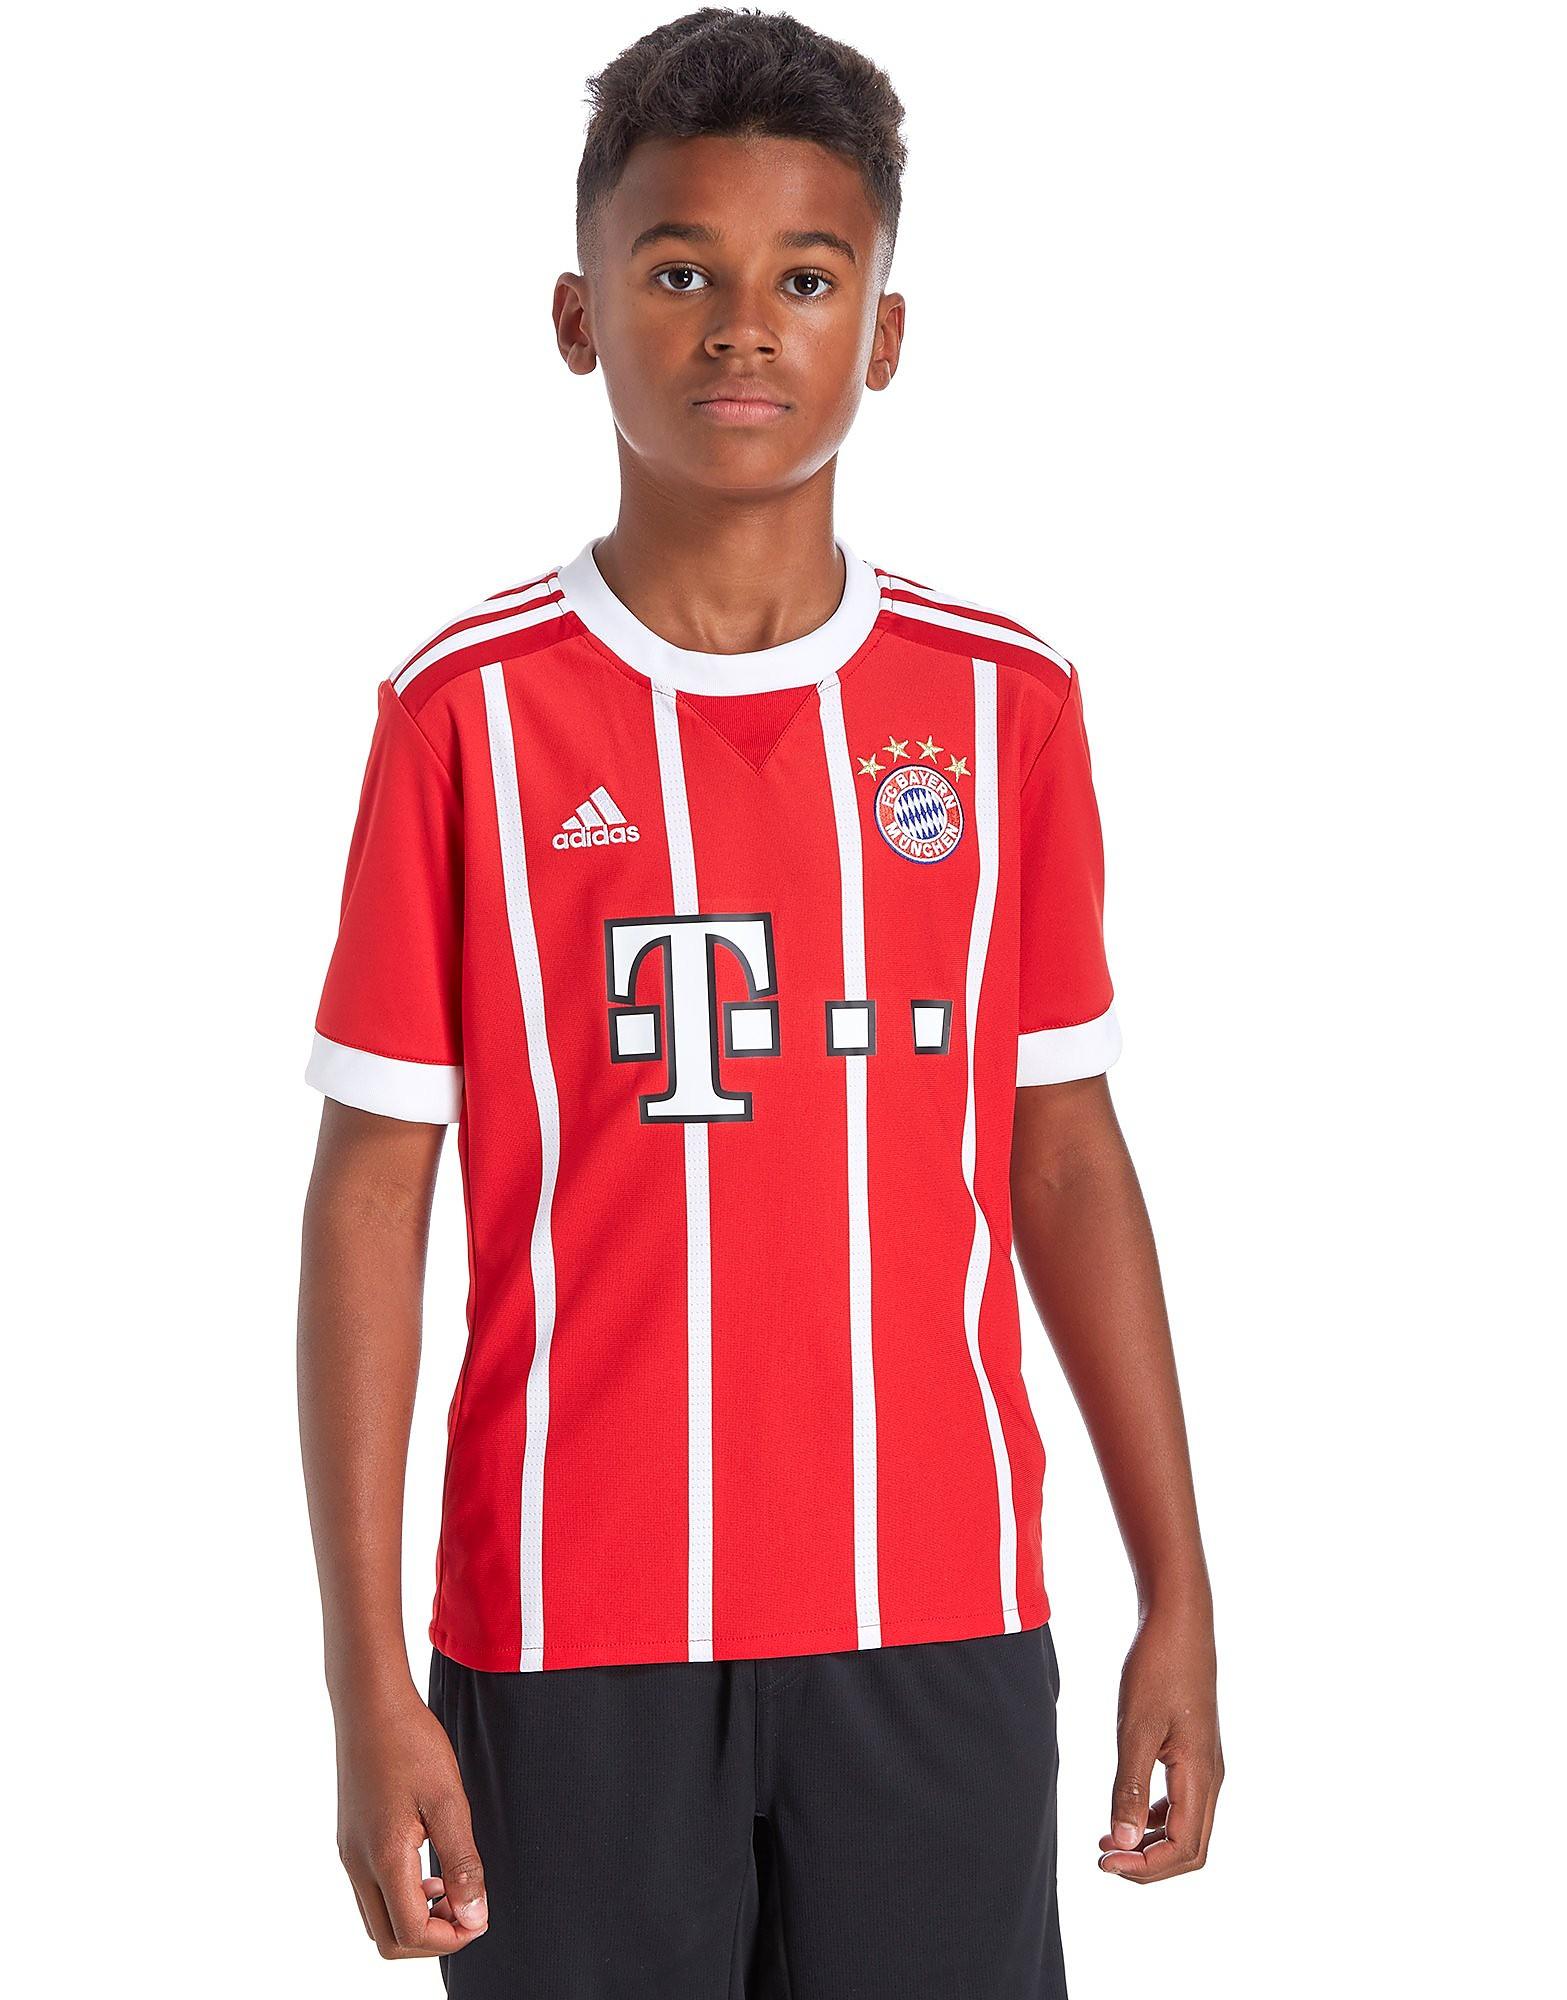 adidas camiseta FC Bayern de Múnich 2017/18 1.ª equipación júnior